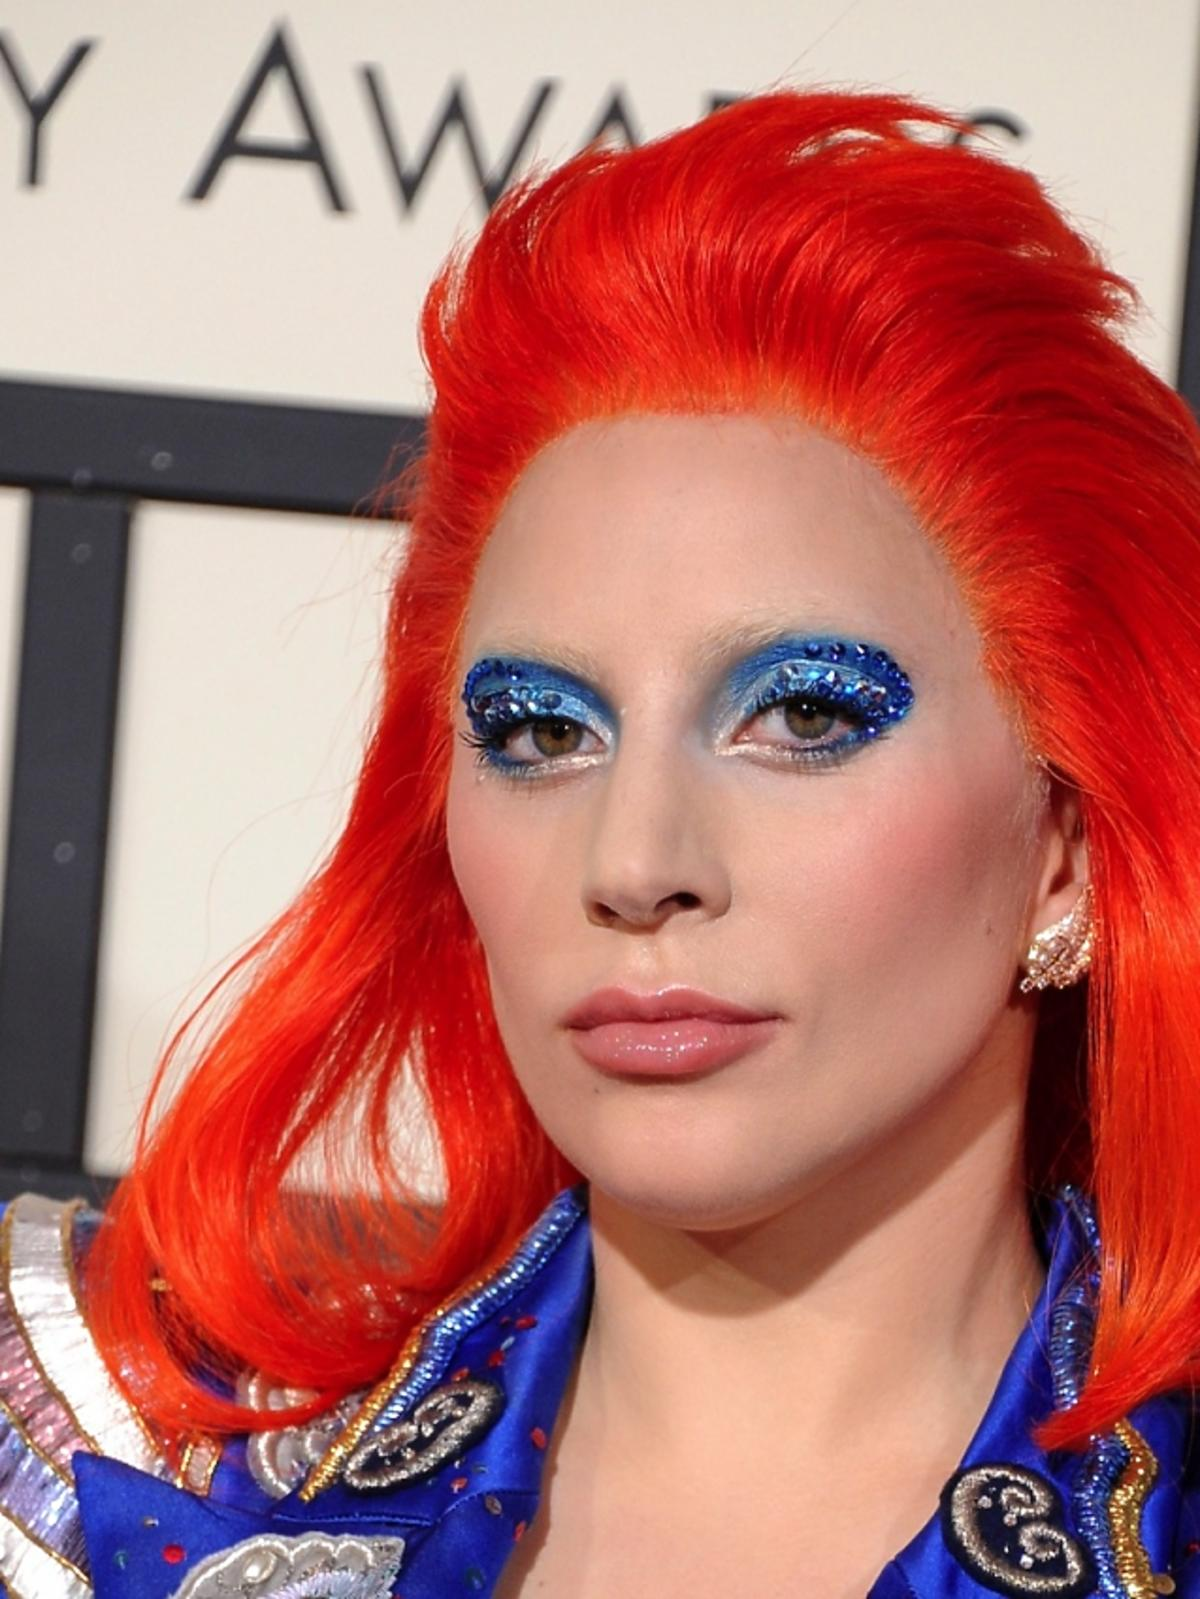 Lady Gaga w pomarańczowej peruce i niebieskim makijażu